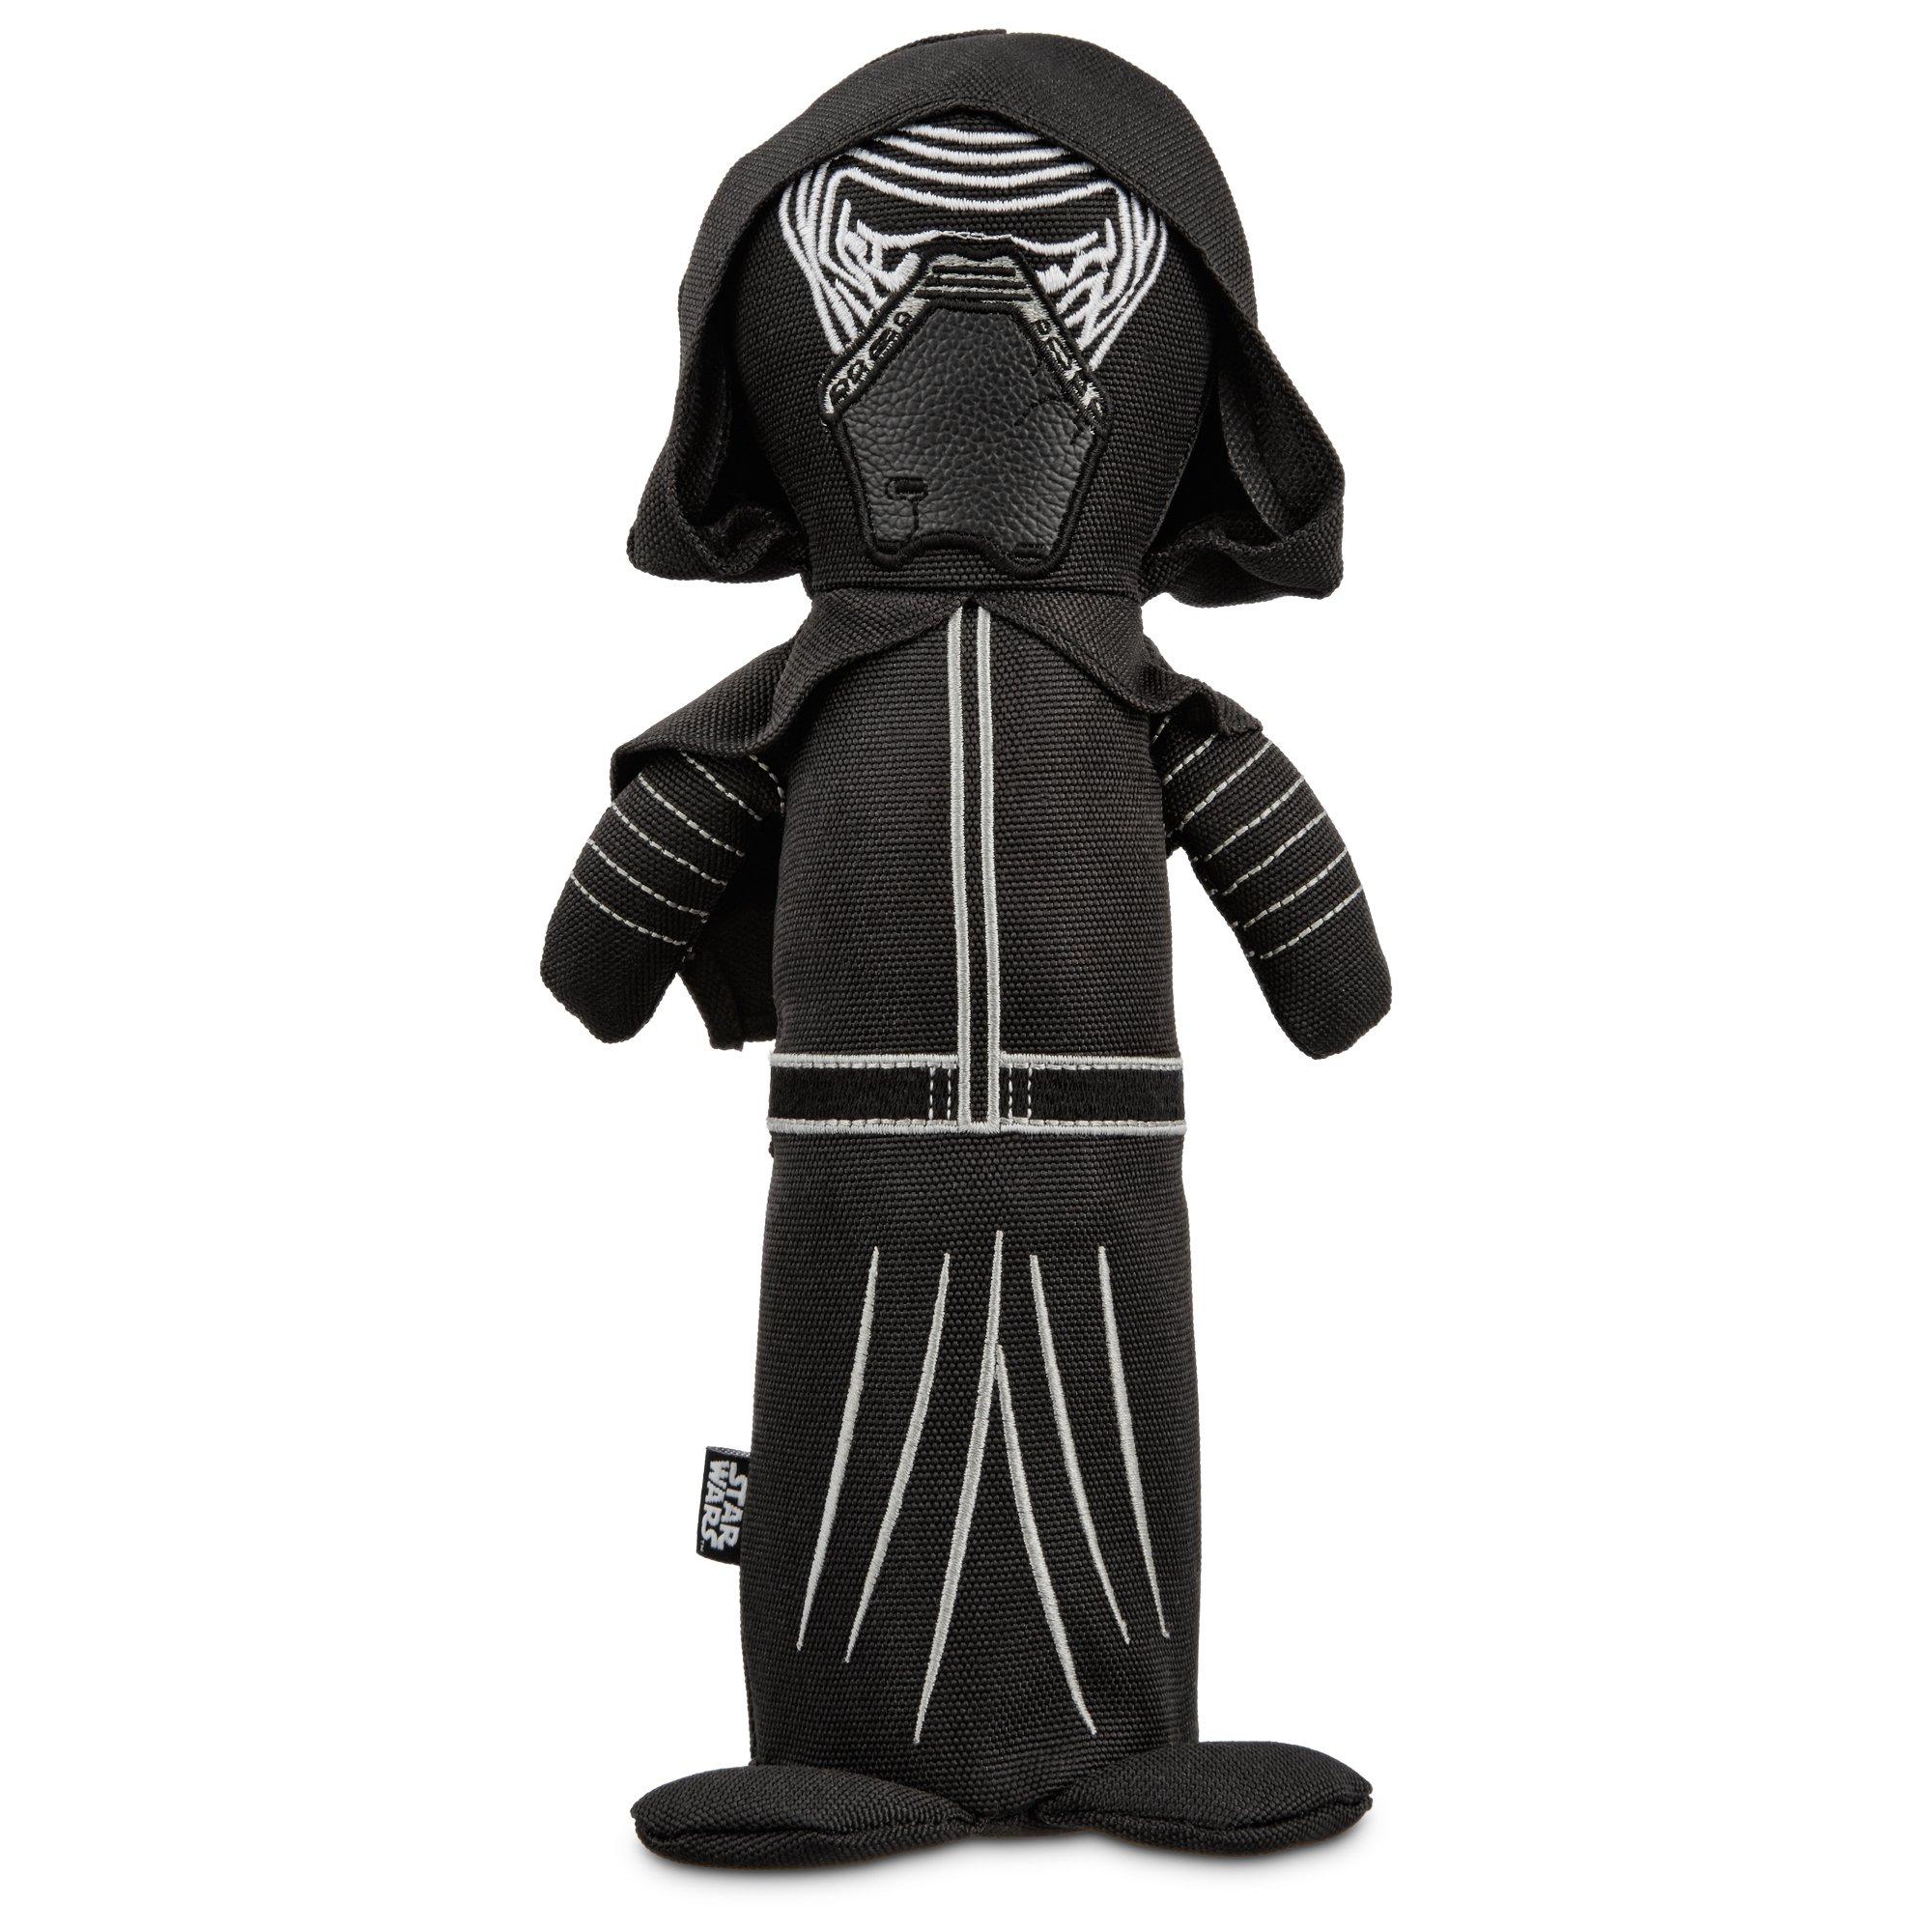 Star Wars Kylo Ren Bottle Cruncher Toy